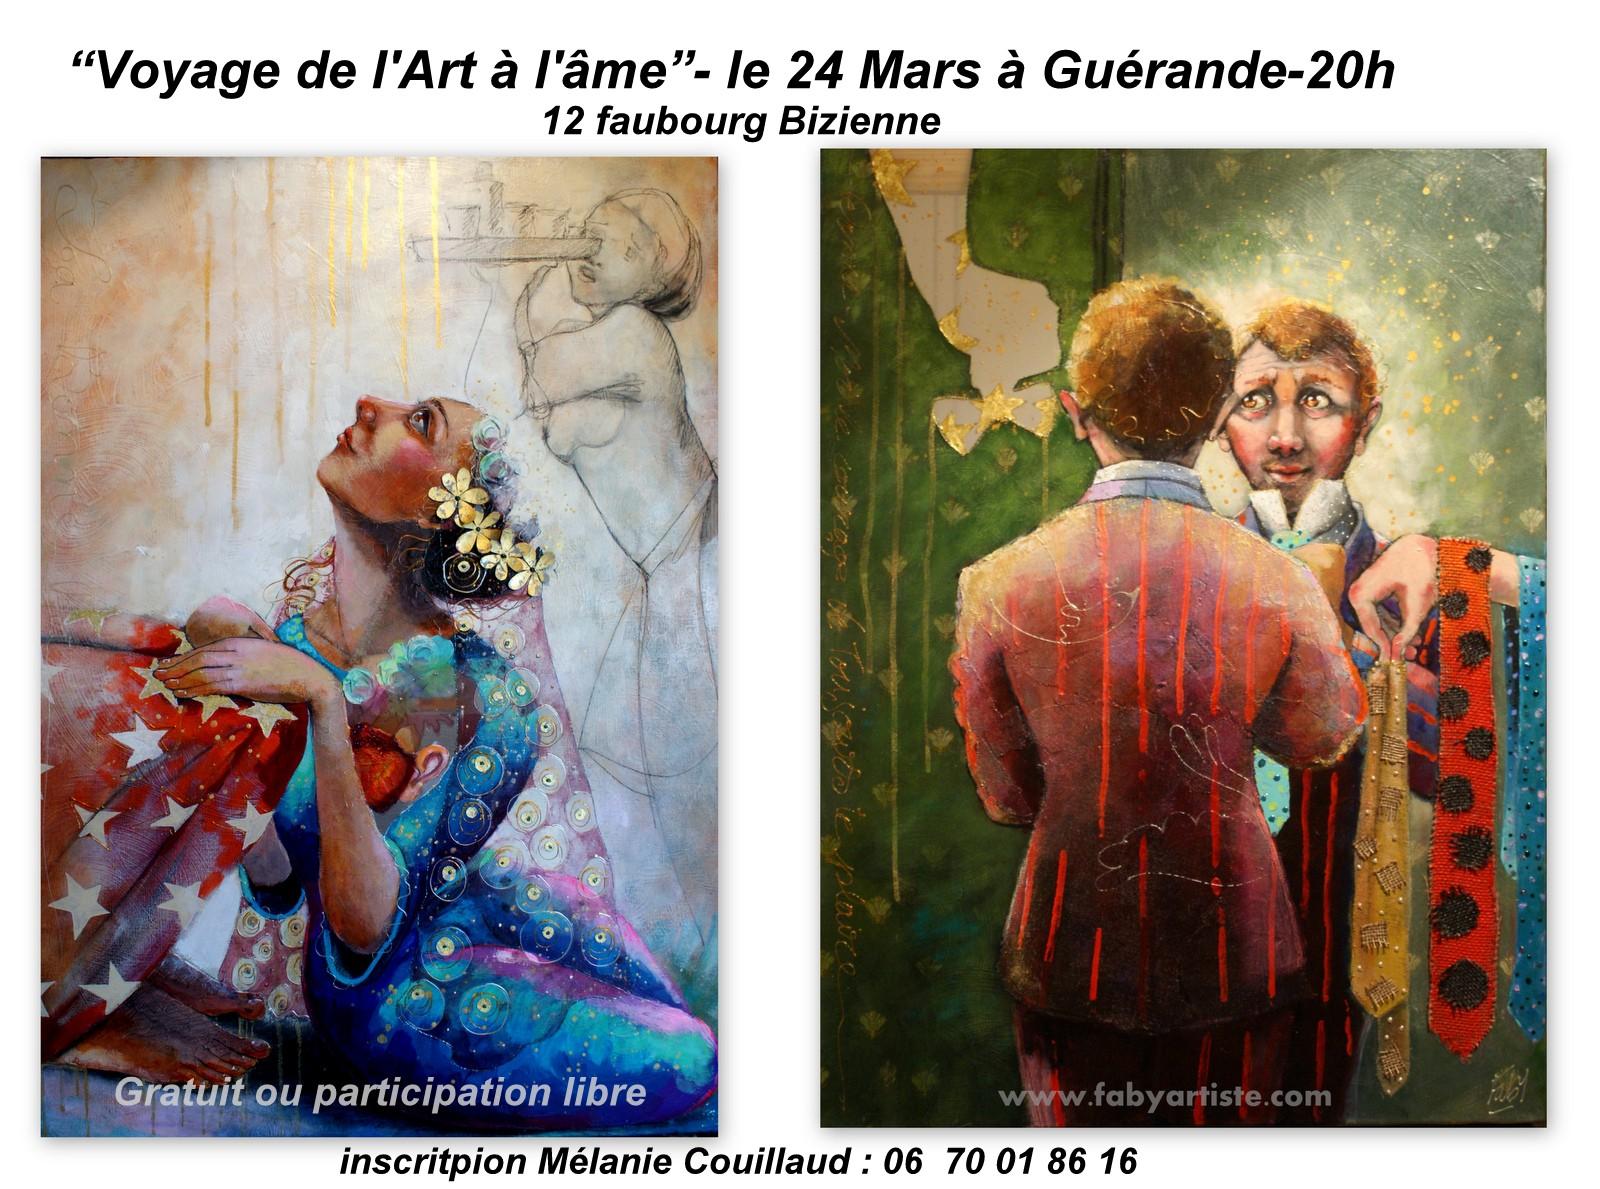 Voyage de l'art à l'âme le 24 mars 20h à Guérande